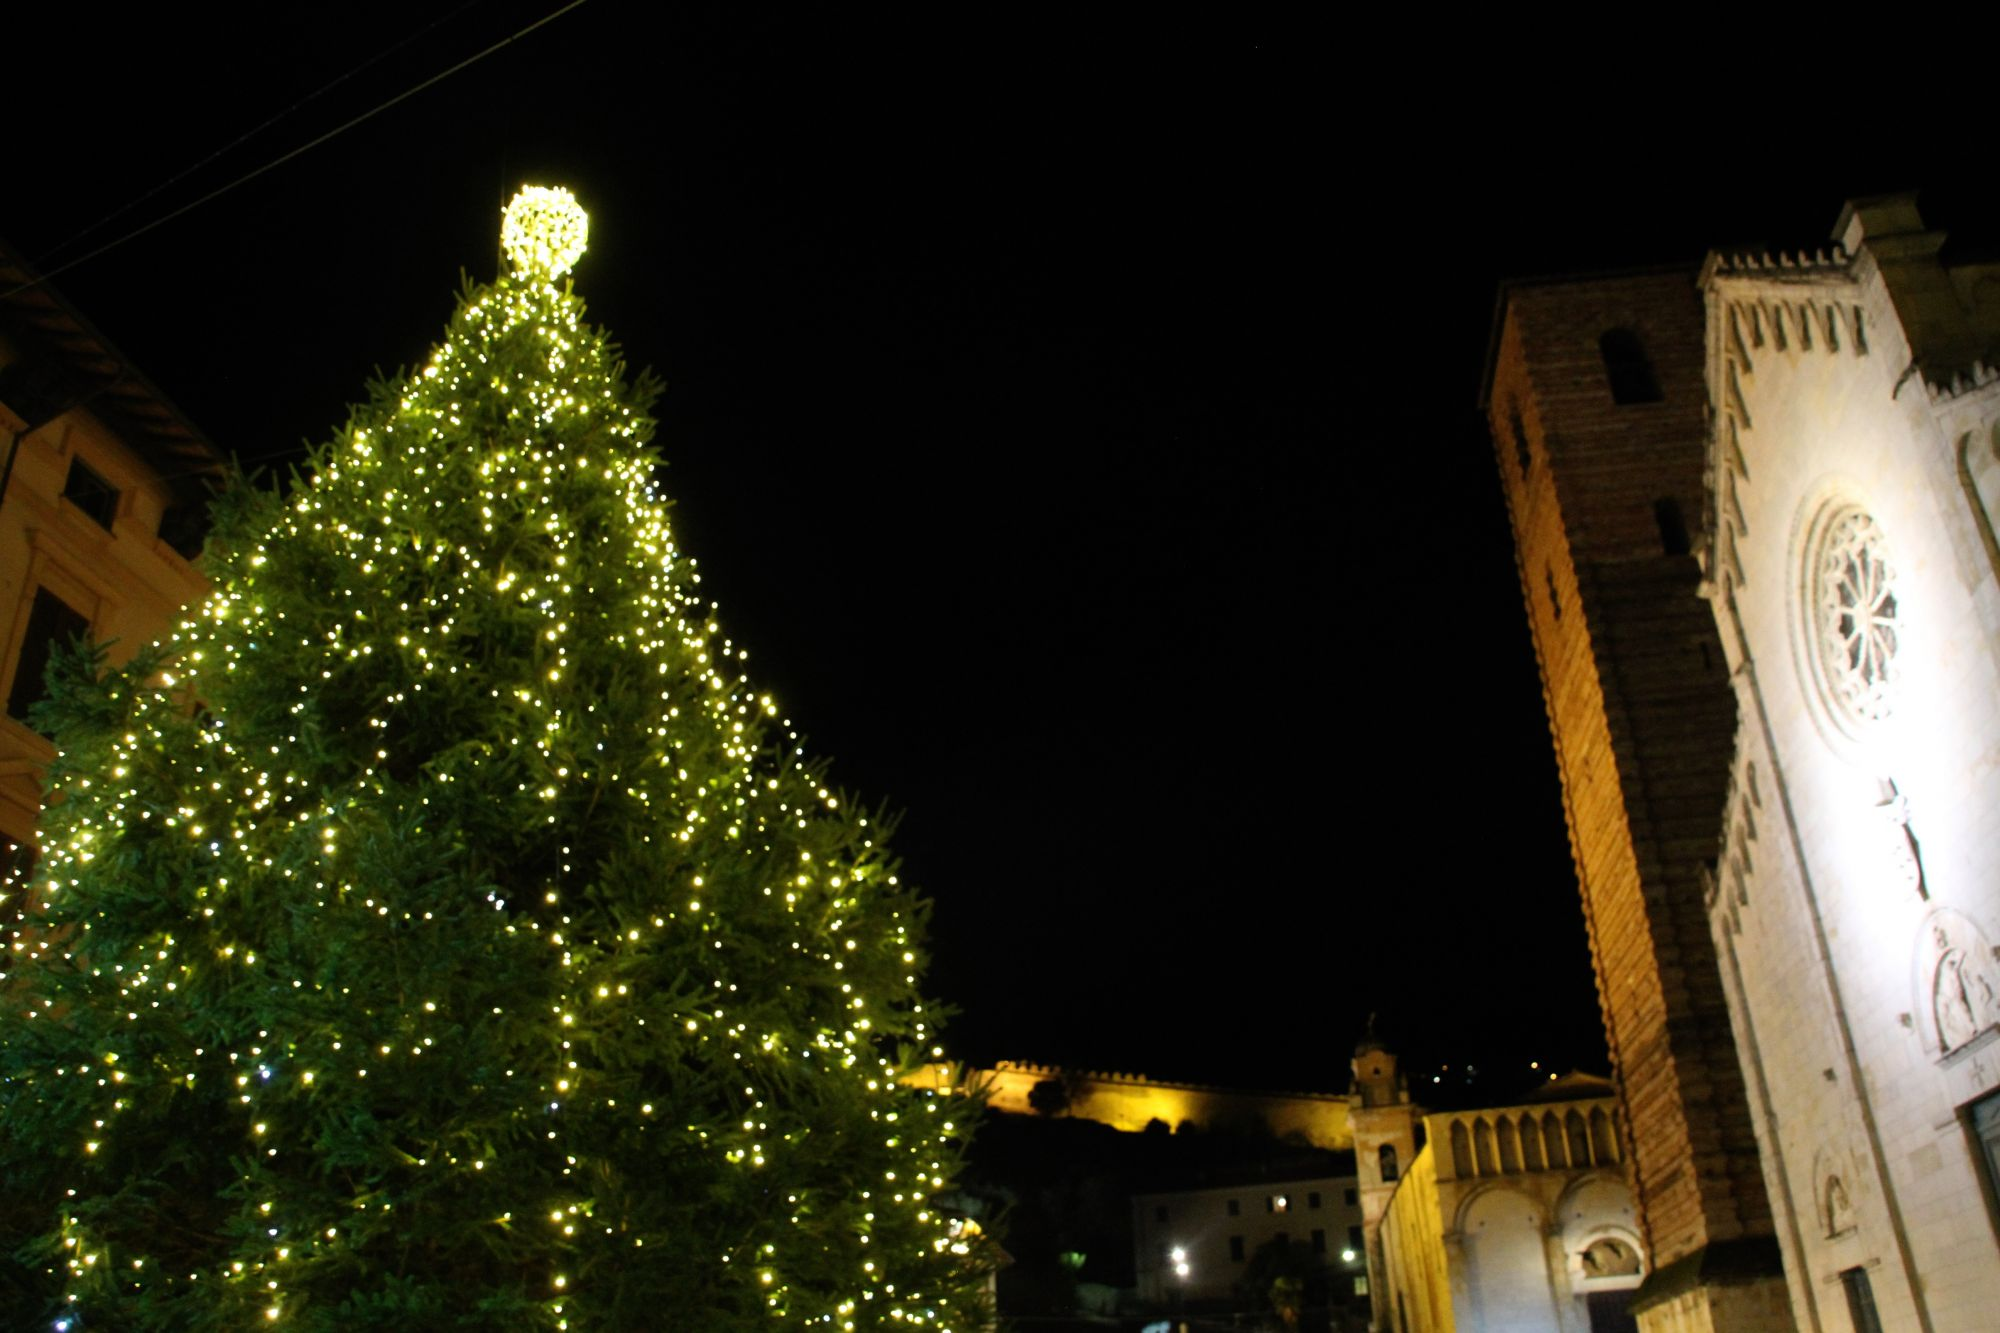 In Piazza Crispi la Casa di Babbo Natale, Pietrasanta è il paese dei…bambini